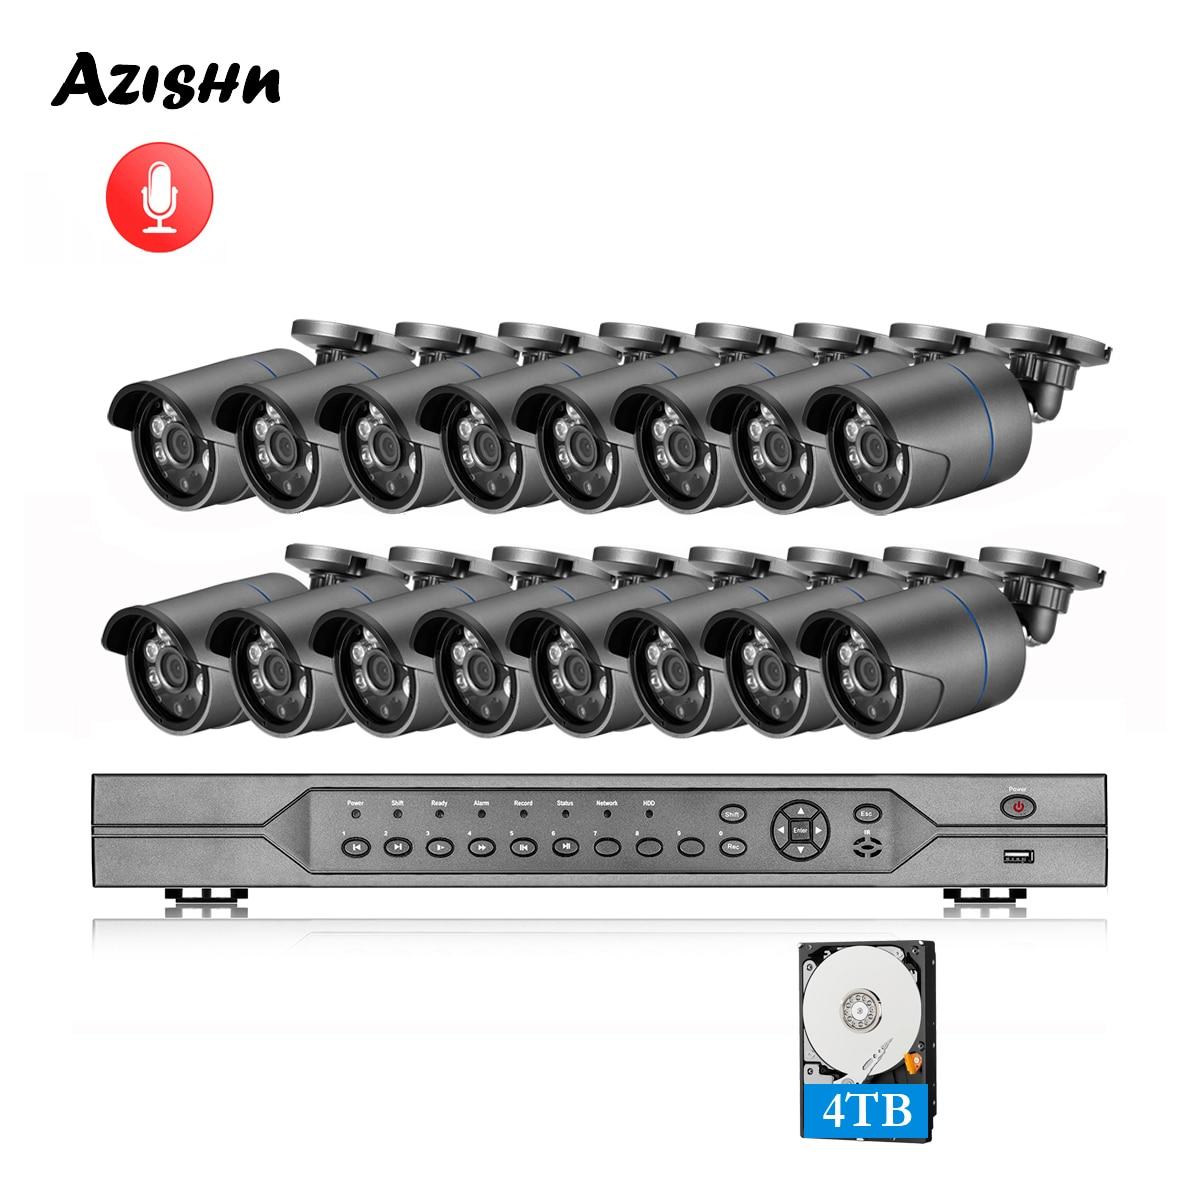 AZISHN H.265 16CH POE NVR Kit 4MP système de caméra de vidéosurveillance 4MP extérieur étanche Audio caméra IP POE sécurité vidéo ensemble de Surveillance